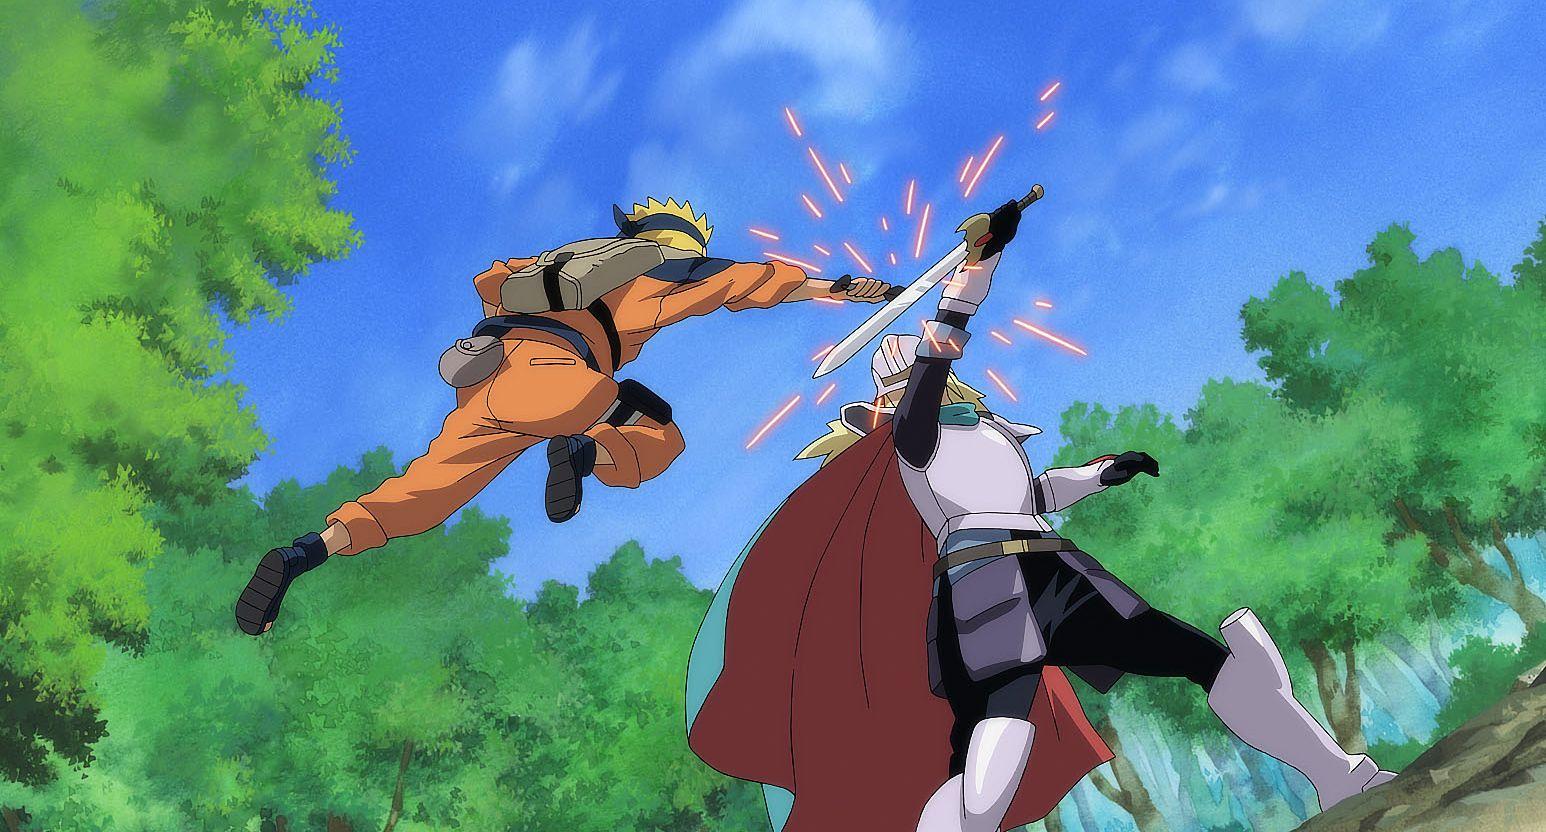 Naruto - Il film: La Leggenda della Pietra Gelel, una scena di combattimento tratta dal film d'animazione